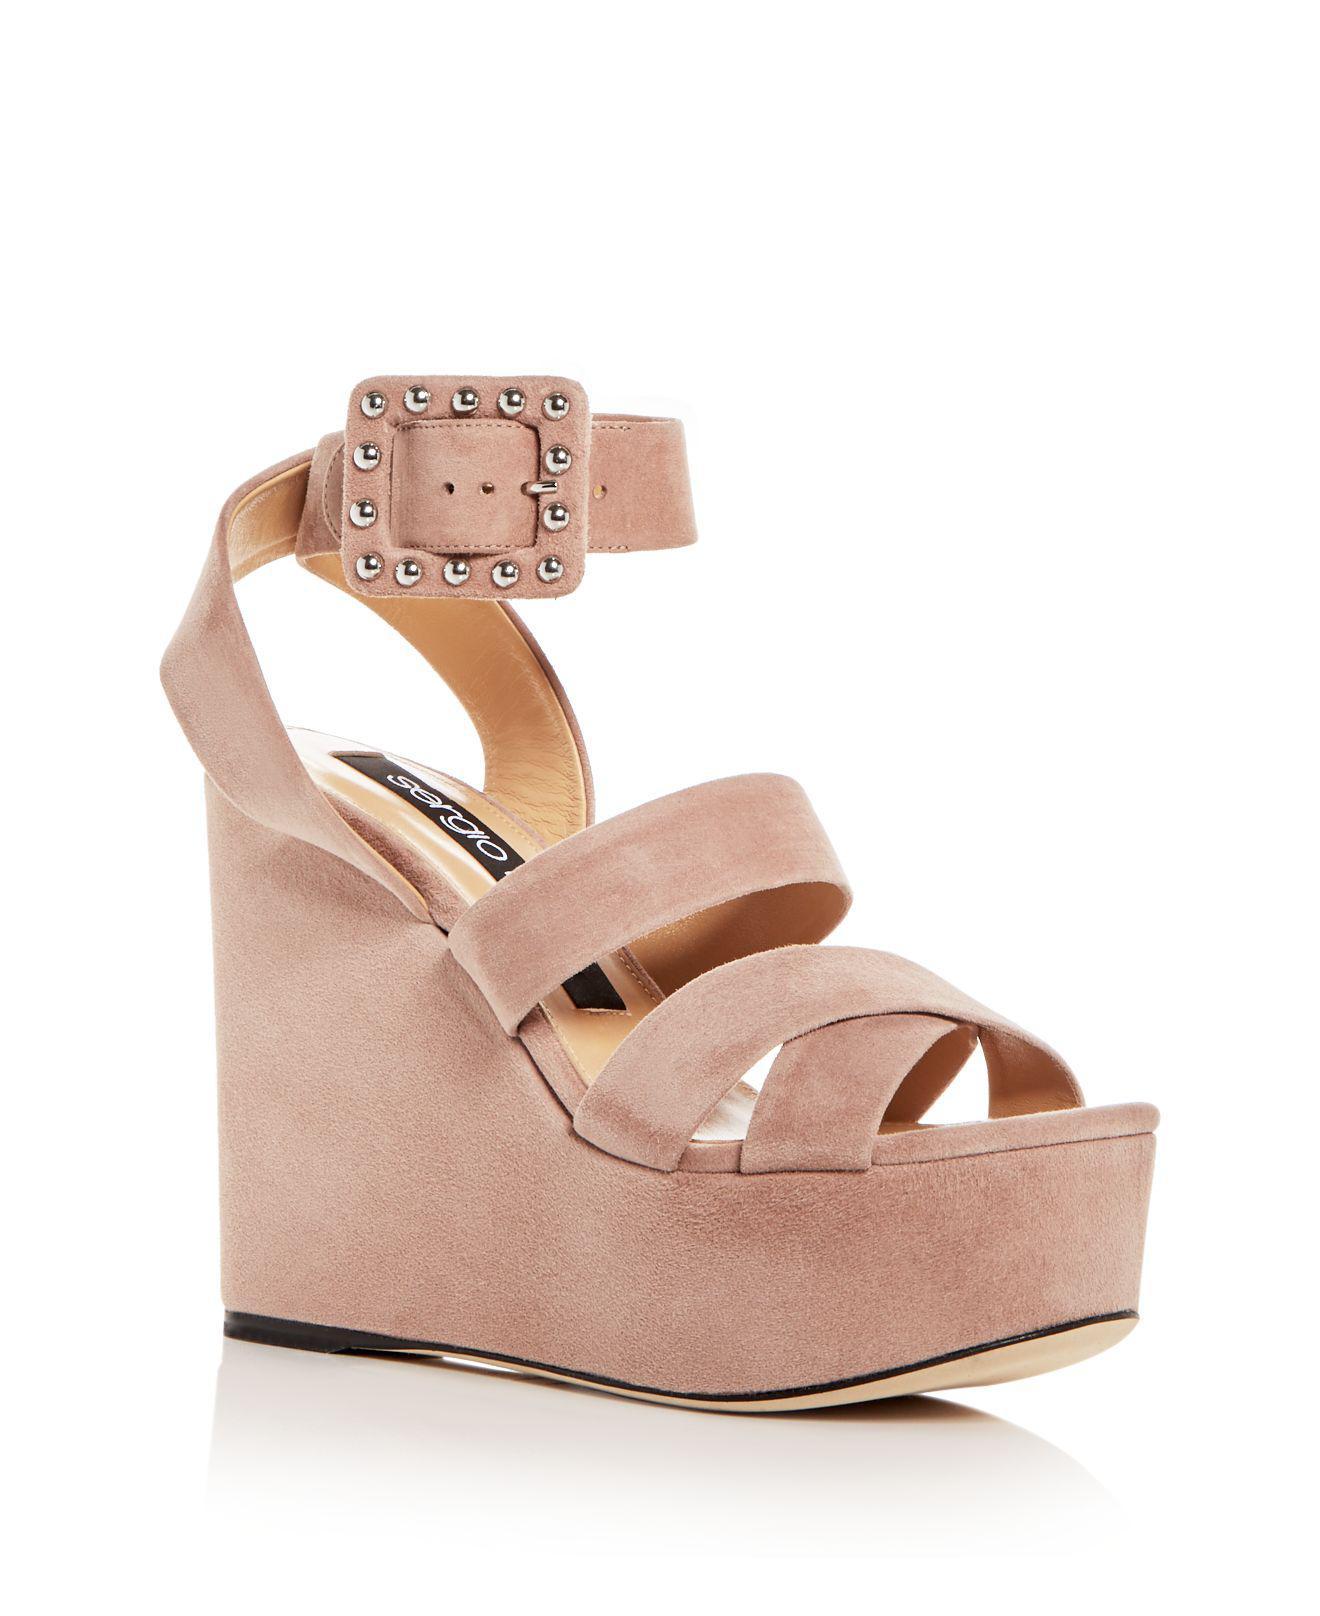 Sergio Rossi Women's Elettra Suede Ankle Strap Platform Wedge Sandals IBR0aiFFKg